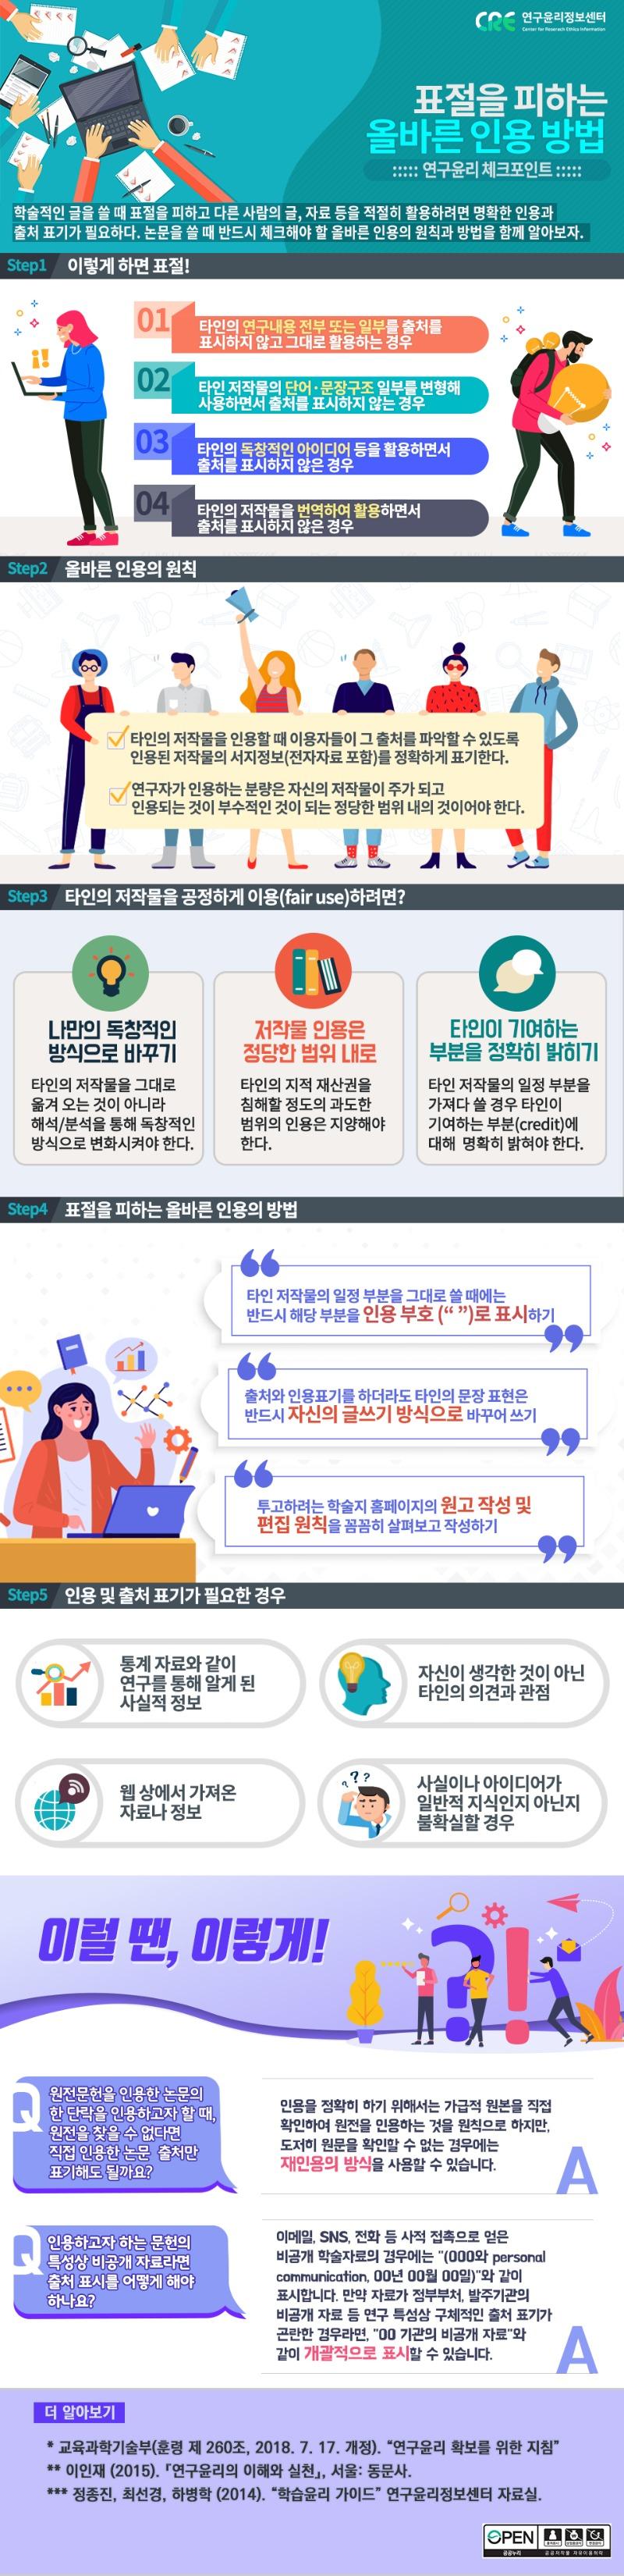 연구윤리-checklist01편.jpg